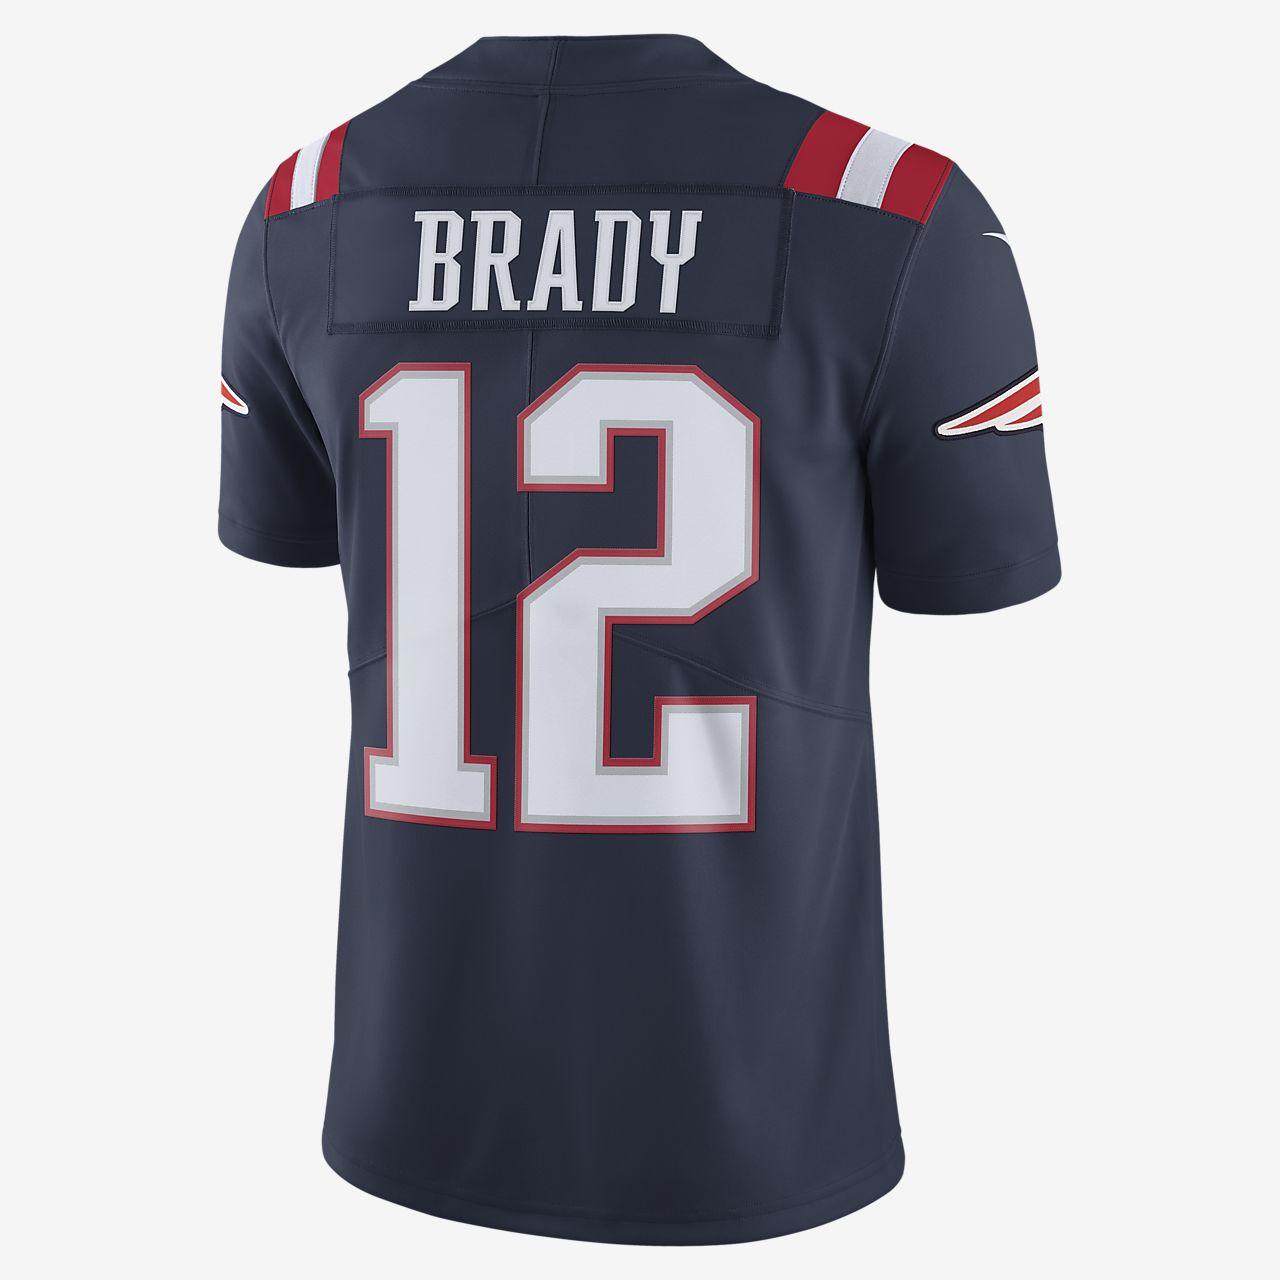 tom brady's football jersey